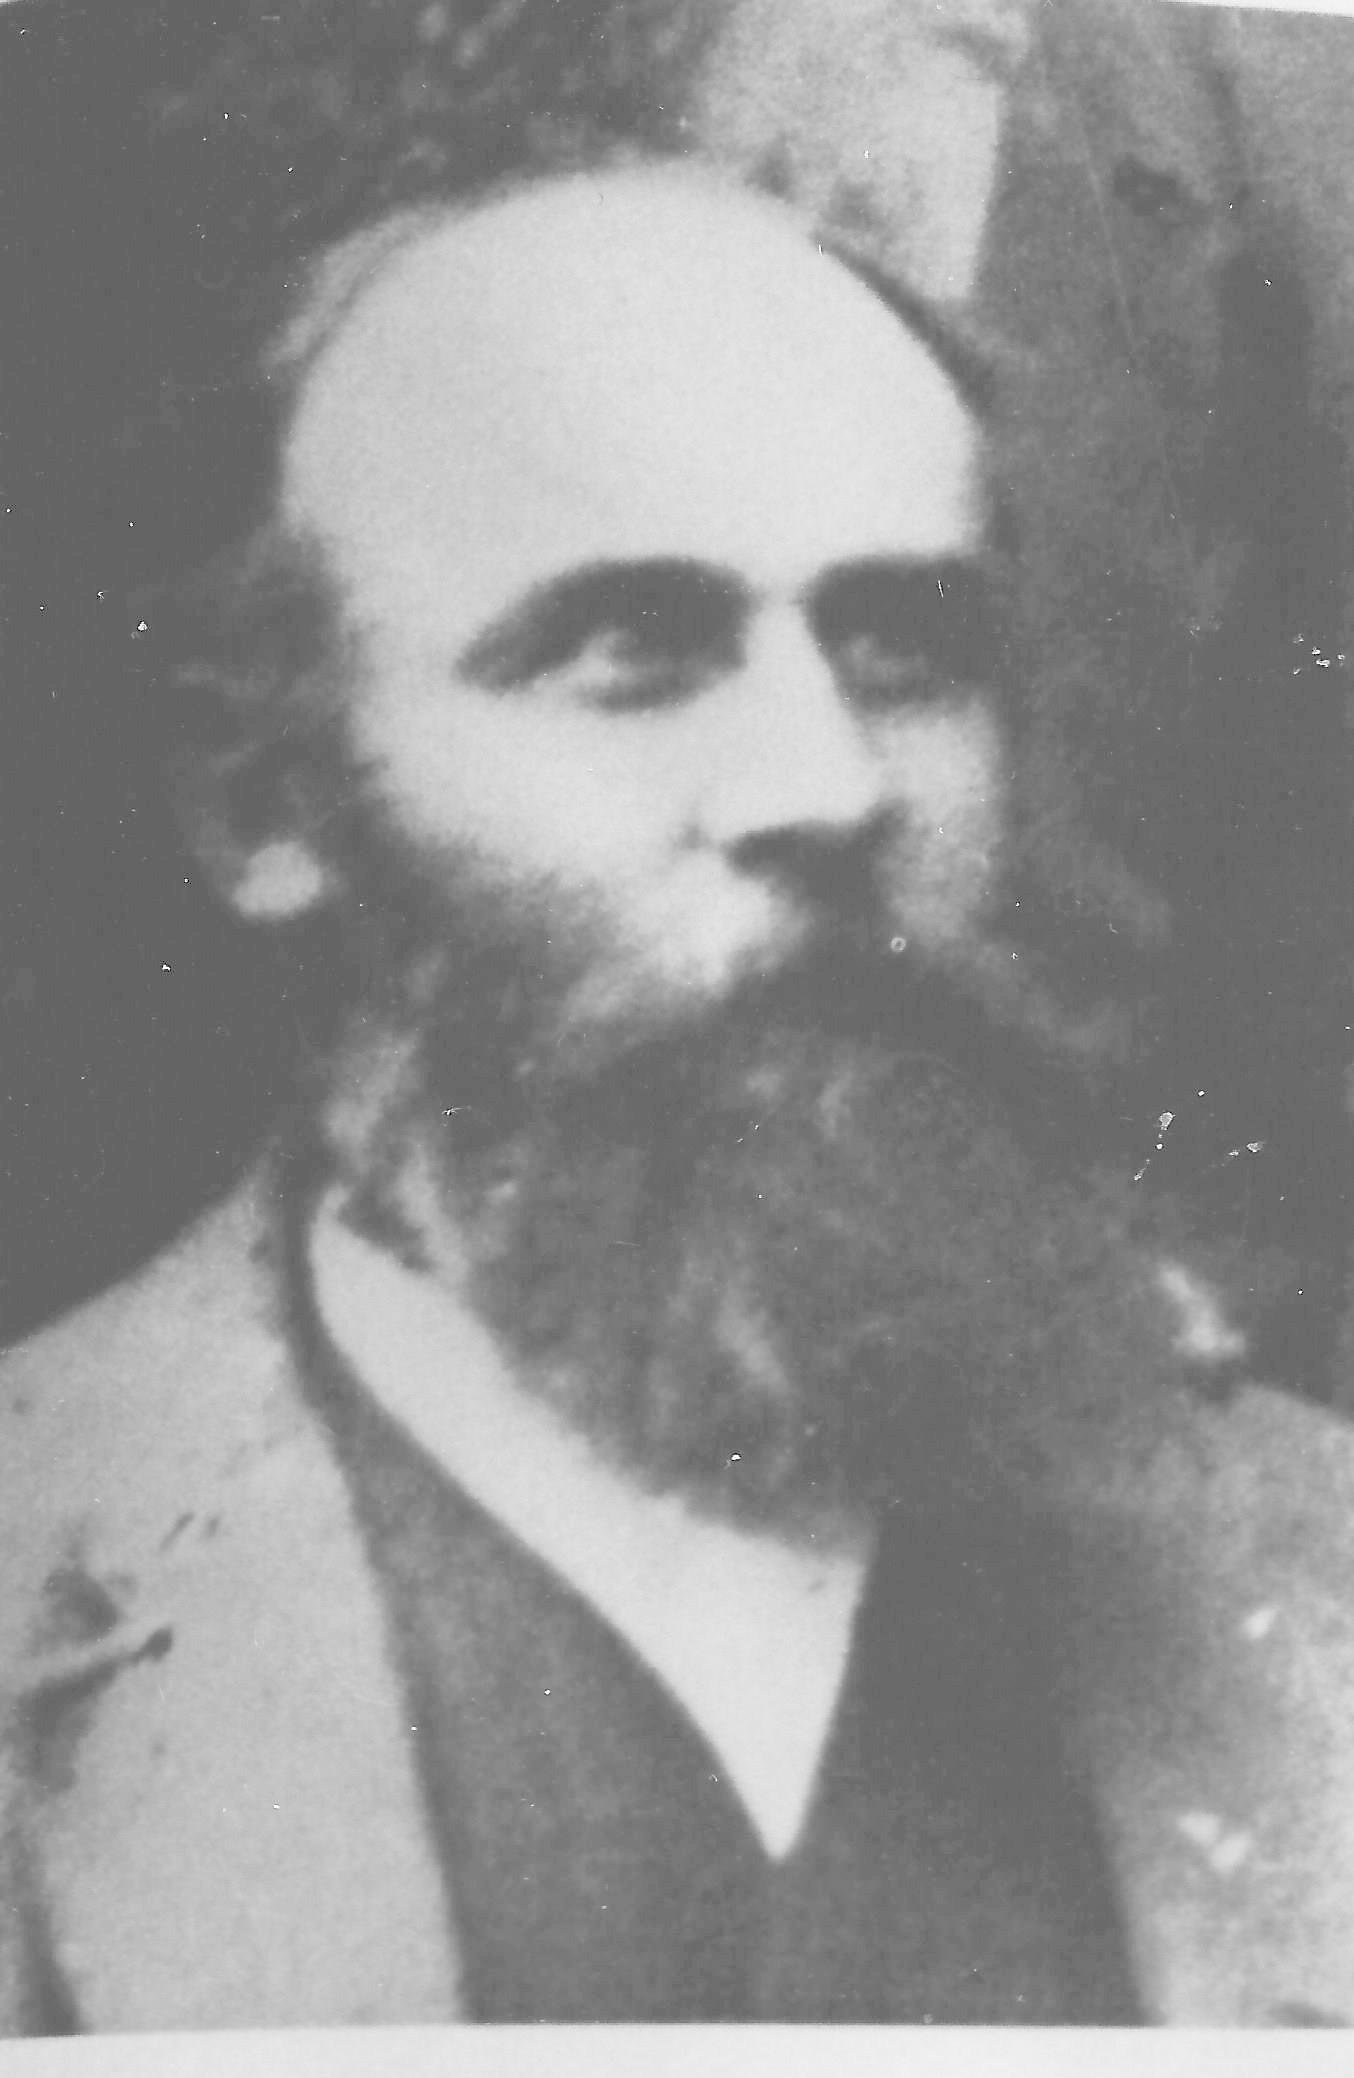 Heyborne, Robert W